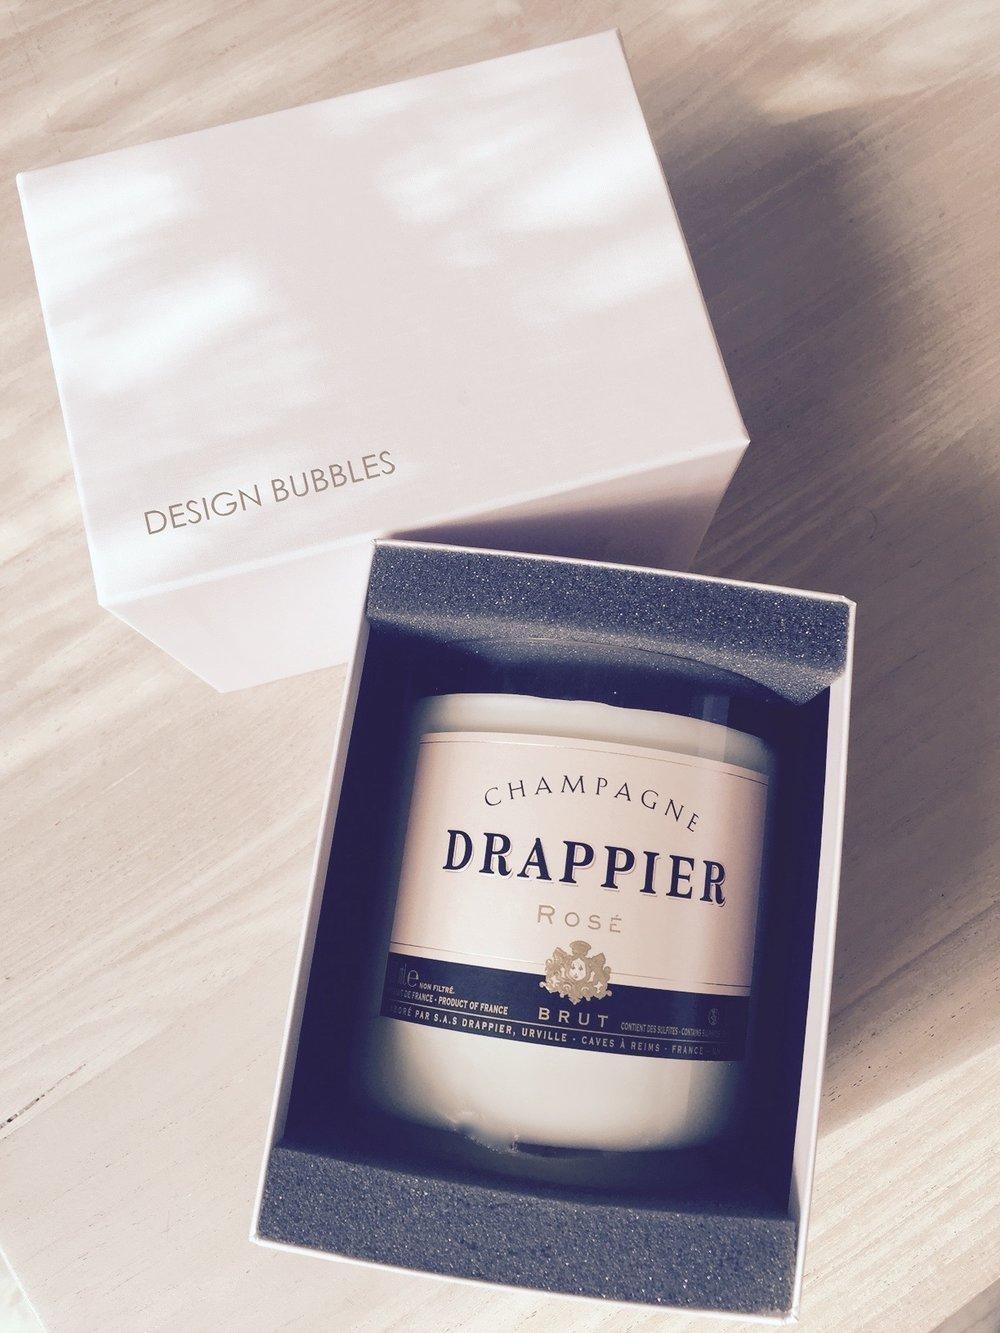 Duftkerzen Design Bubbles Champagner Flaschen Upcycling Blog für Frauen über 50 Höhle der Löwen Pro 7 Beate Finken Blog für Frauen über 40 und 50